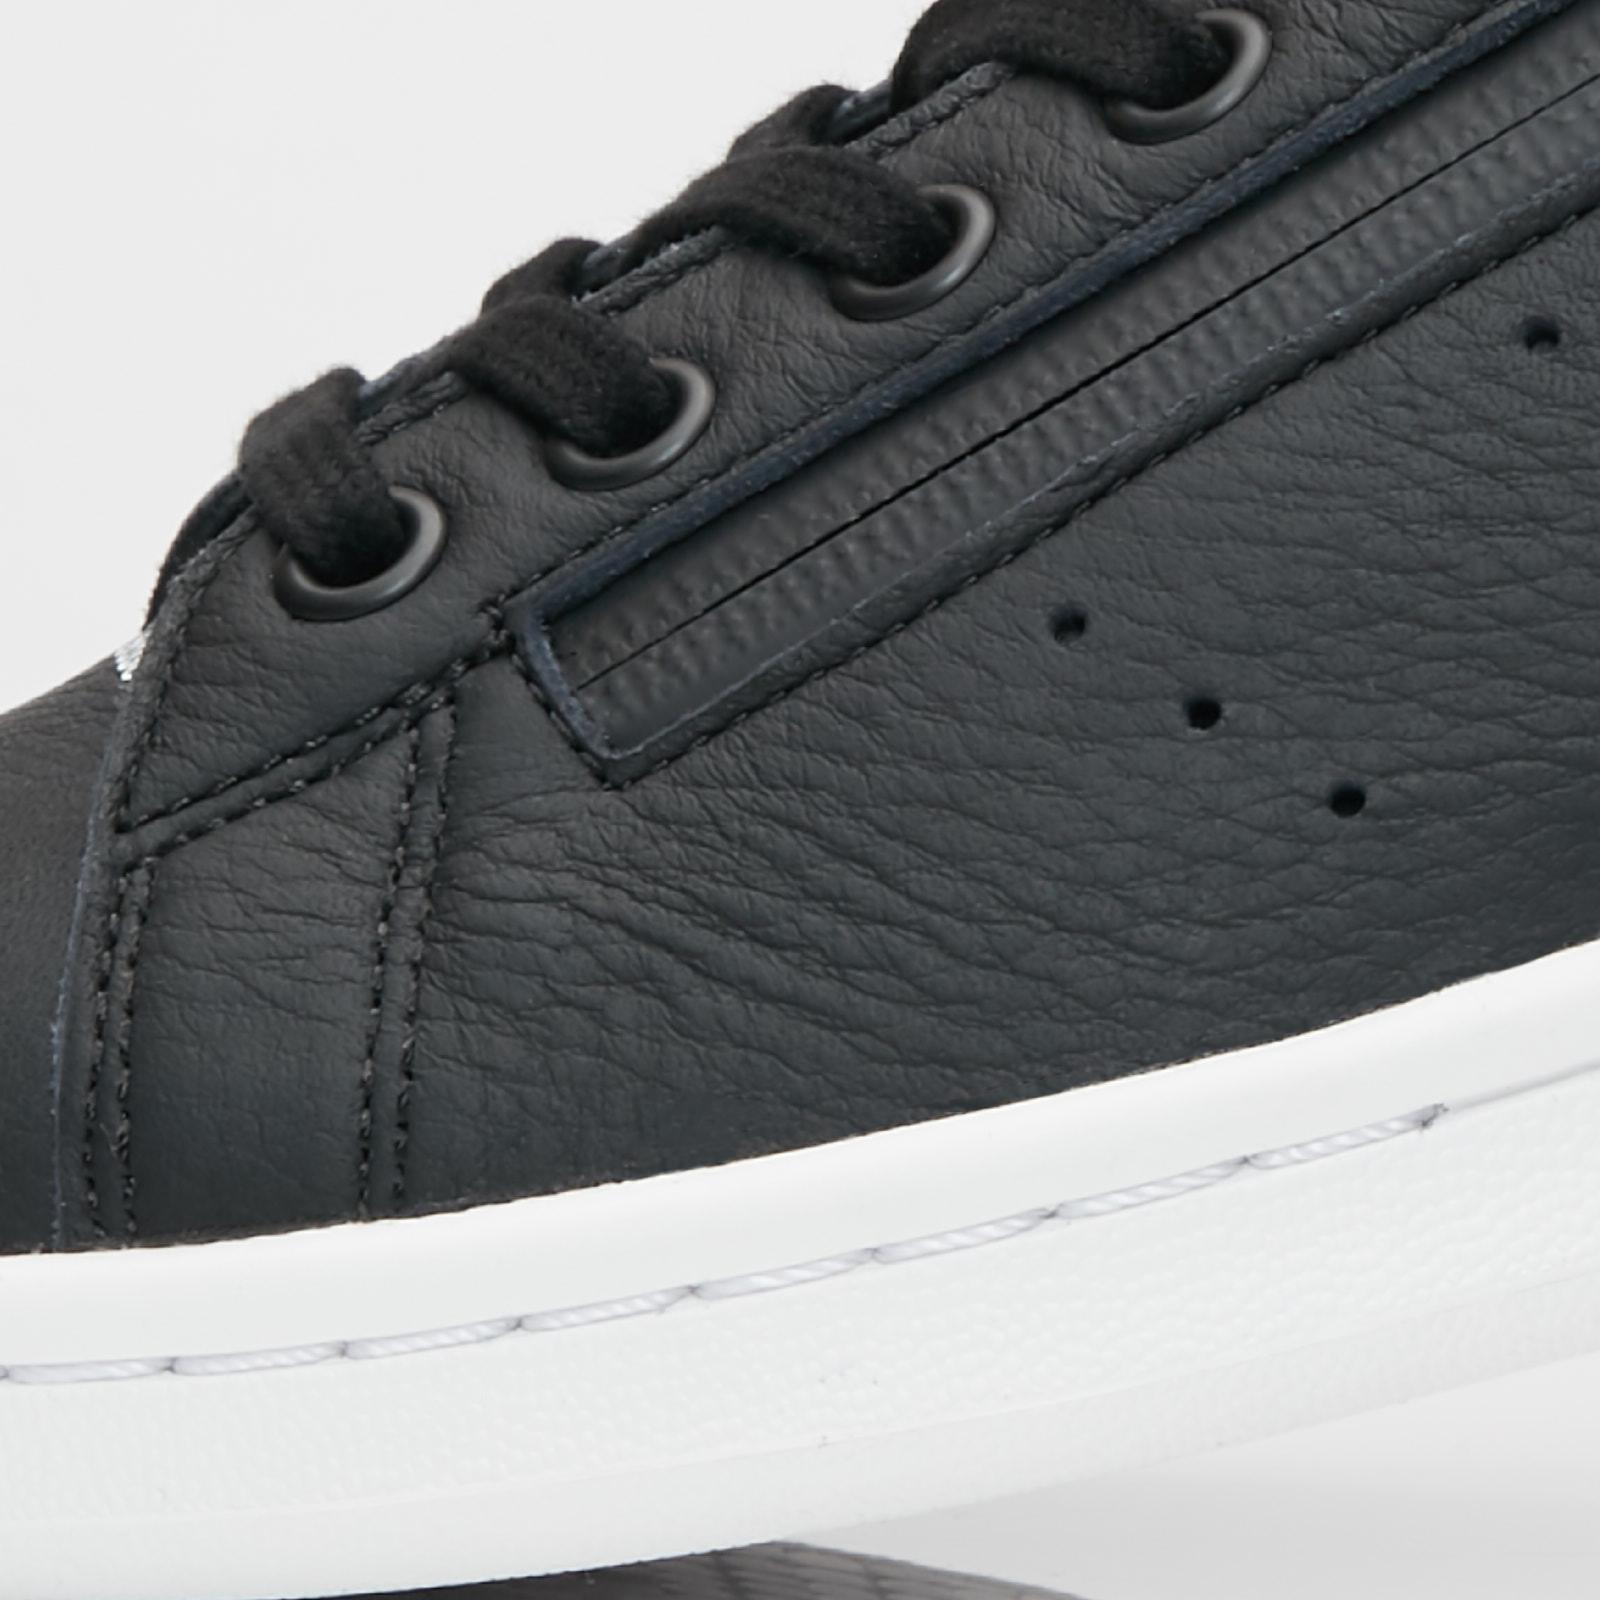 timeless design 0b2e2 72386 adidas Stan Smith MITA - Bb9252 - Sneakersnstuff | sneakers ...